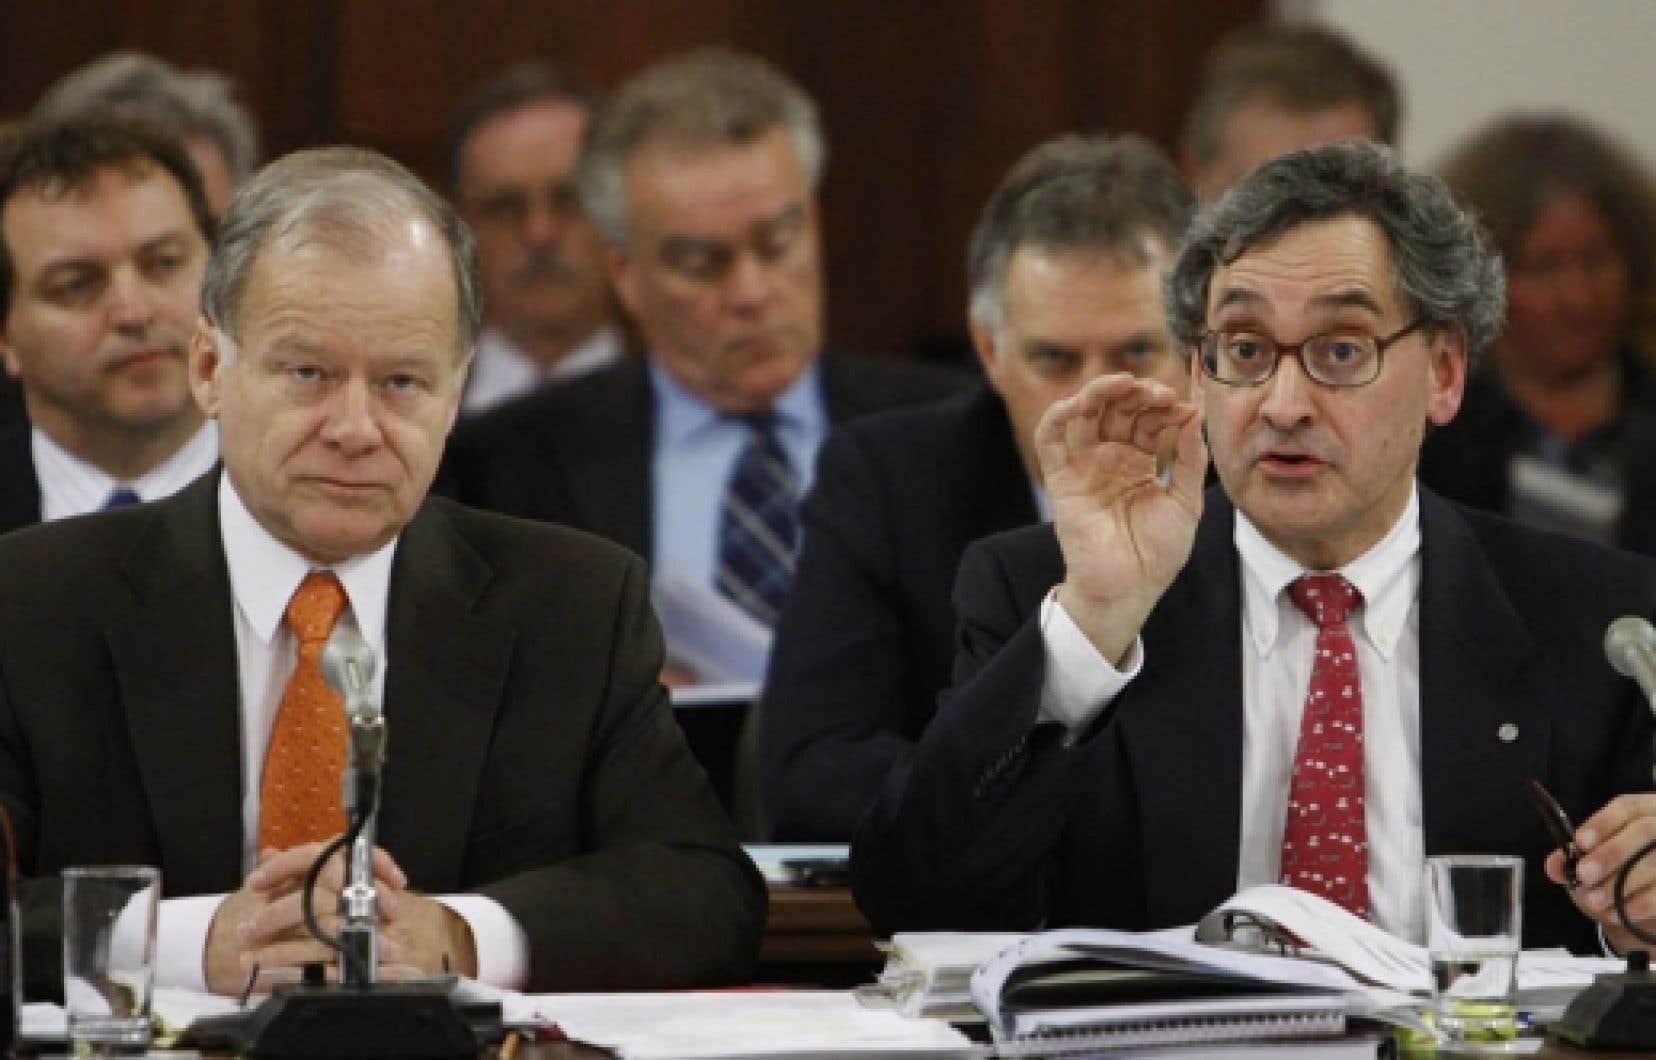 Le ministre des Finances, Raymond Bachand, s'est dit d'accord avec le grand patron de la Caisse de dépôt et placement, Michael Sabia, qui trouve inutile d'établir pourquoi son organisation a connu d'aussi mauvais résultats en 2008.